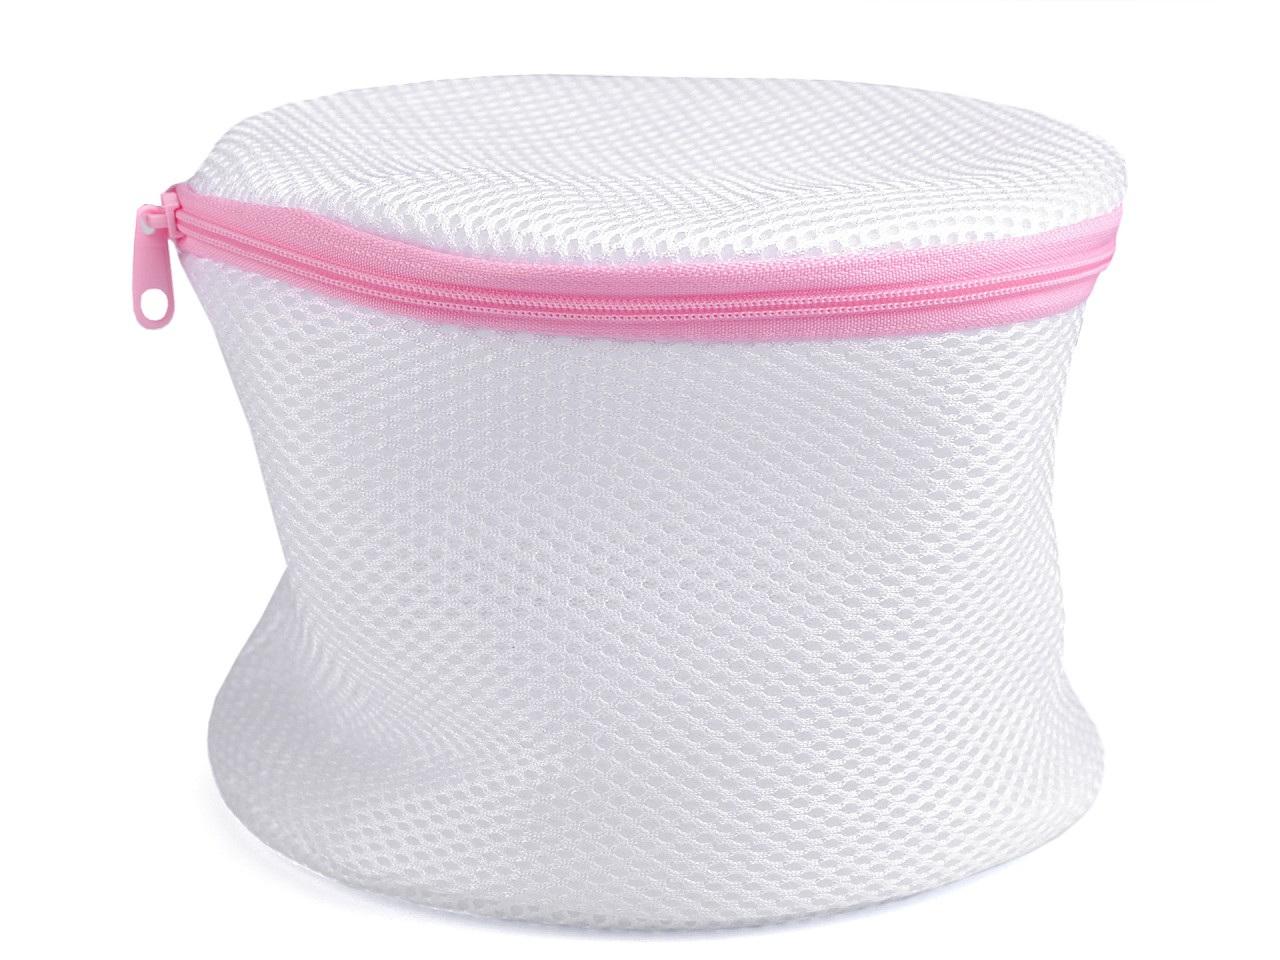 Sáček / pouzdro na praní spodního prádla 14x16 cm